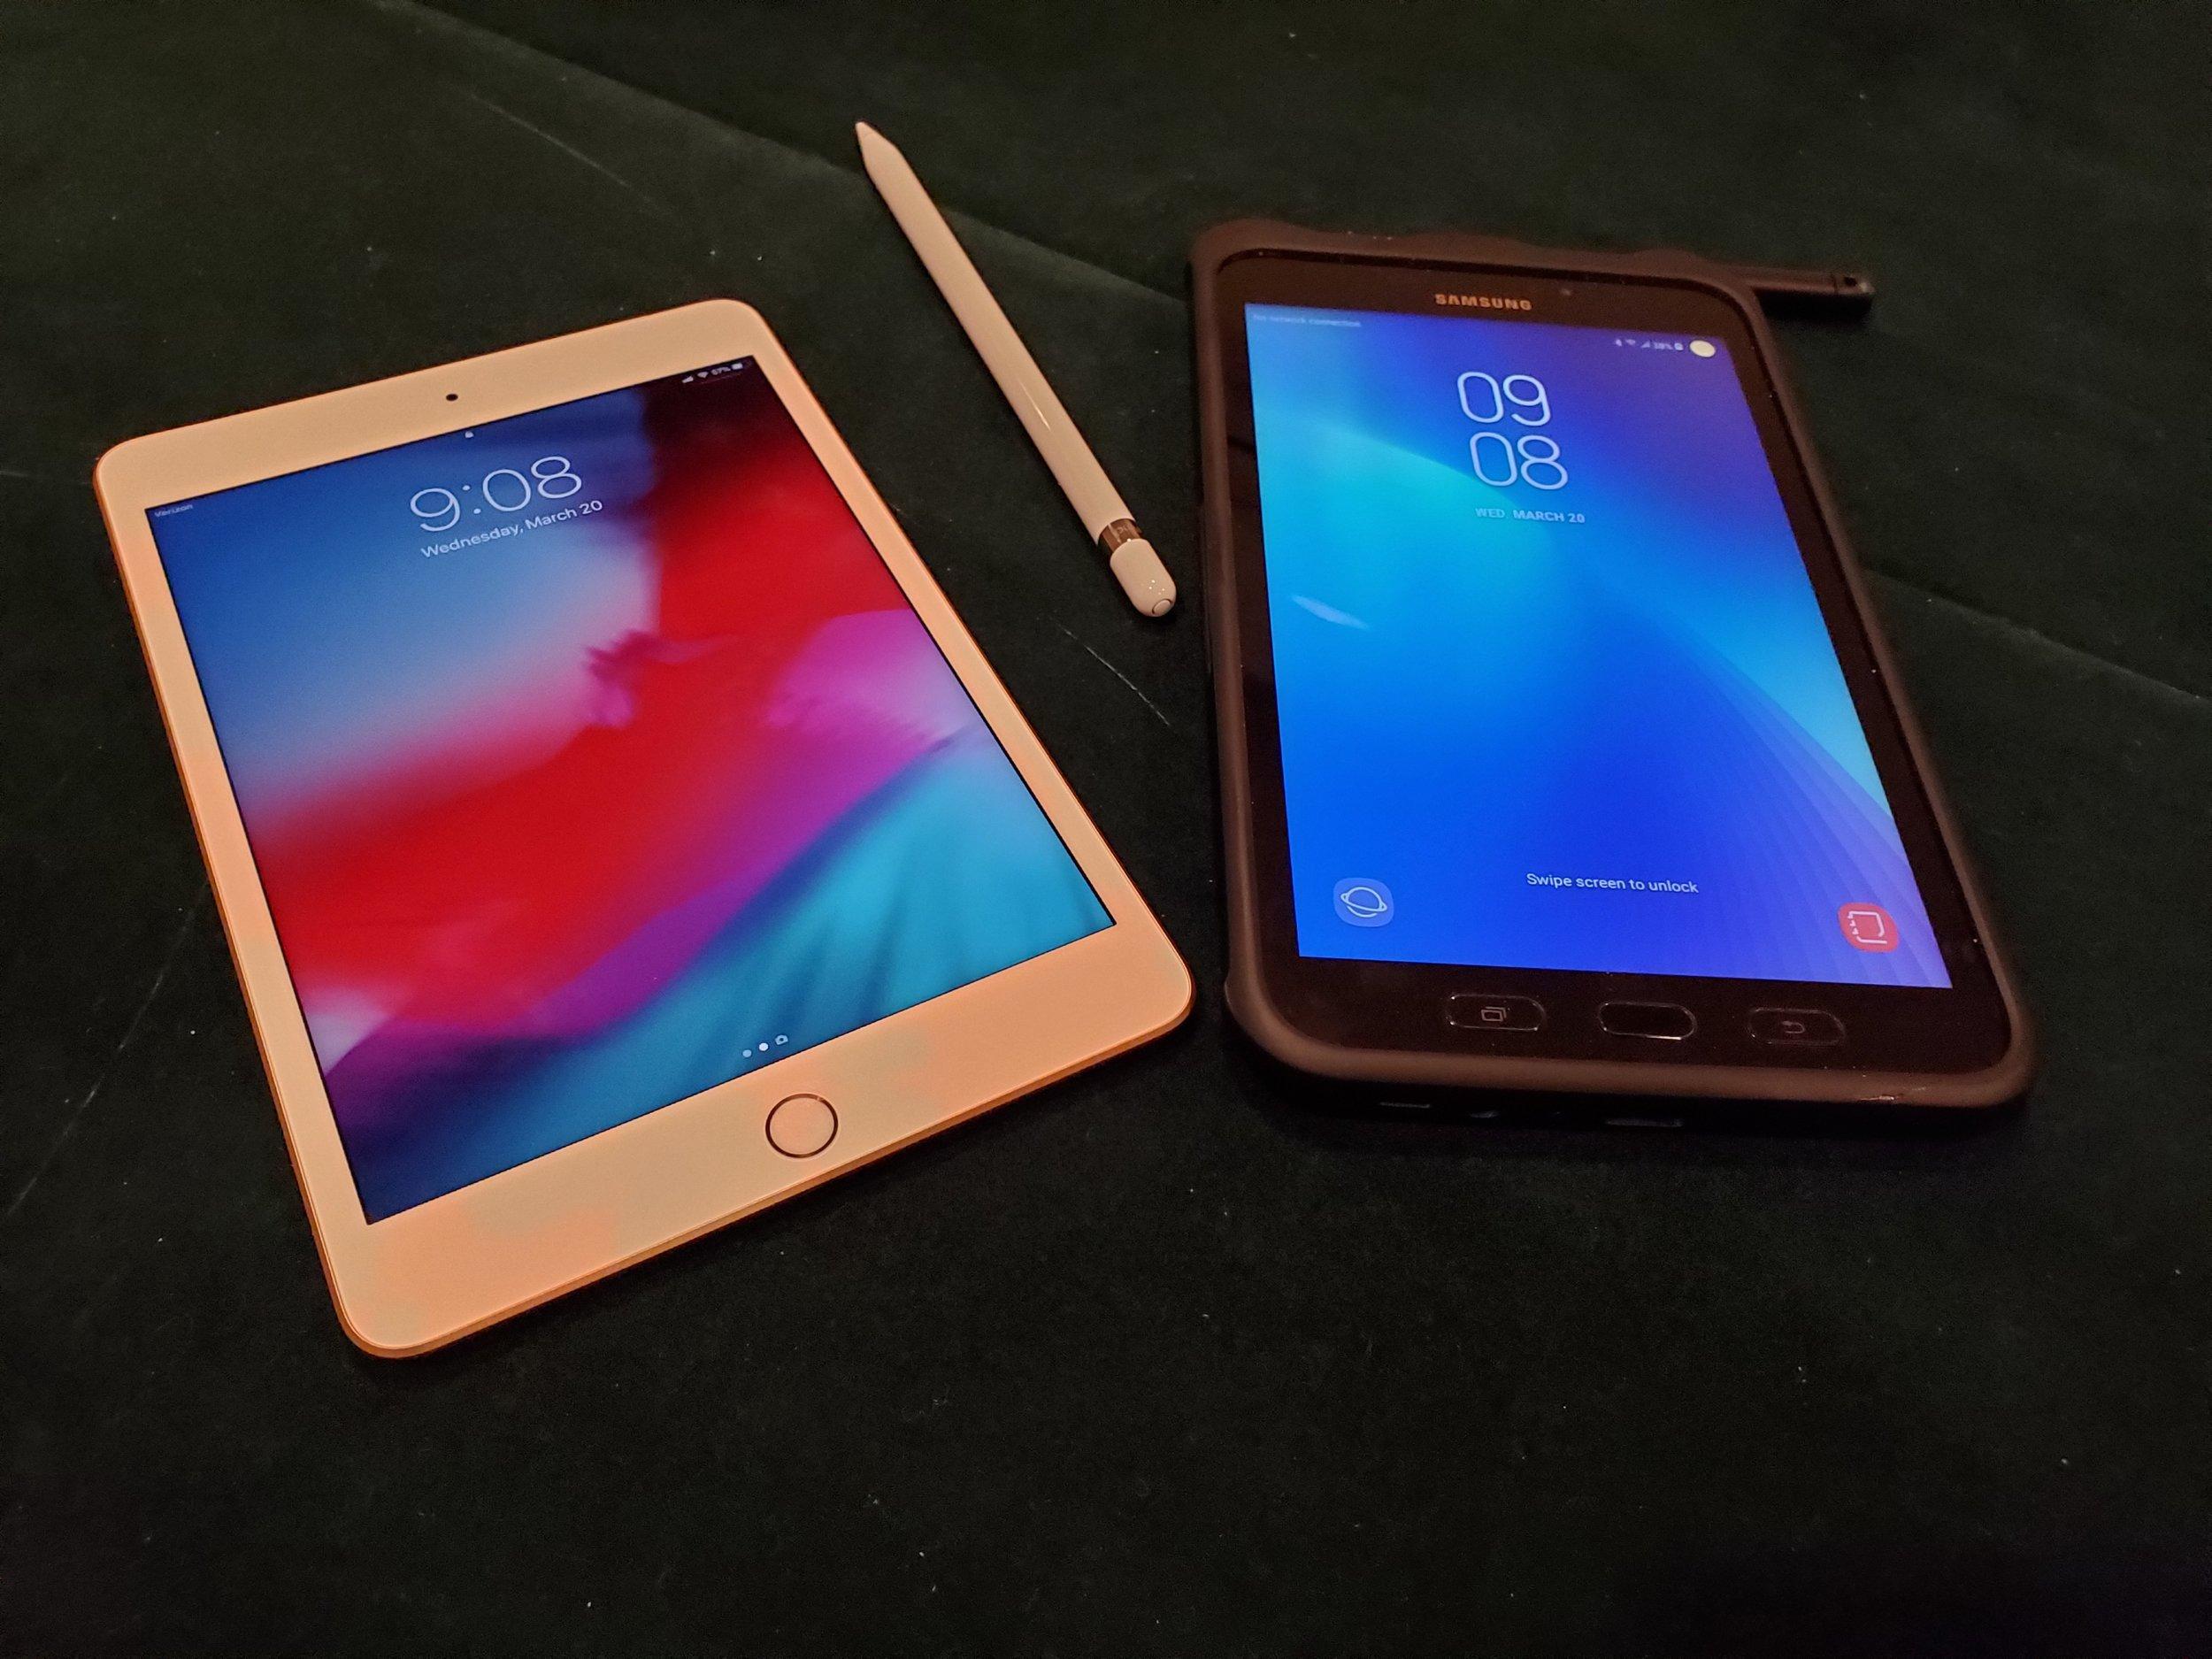 Apple iPad mini and Samsung Galaxy Tab Active2